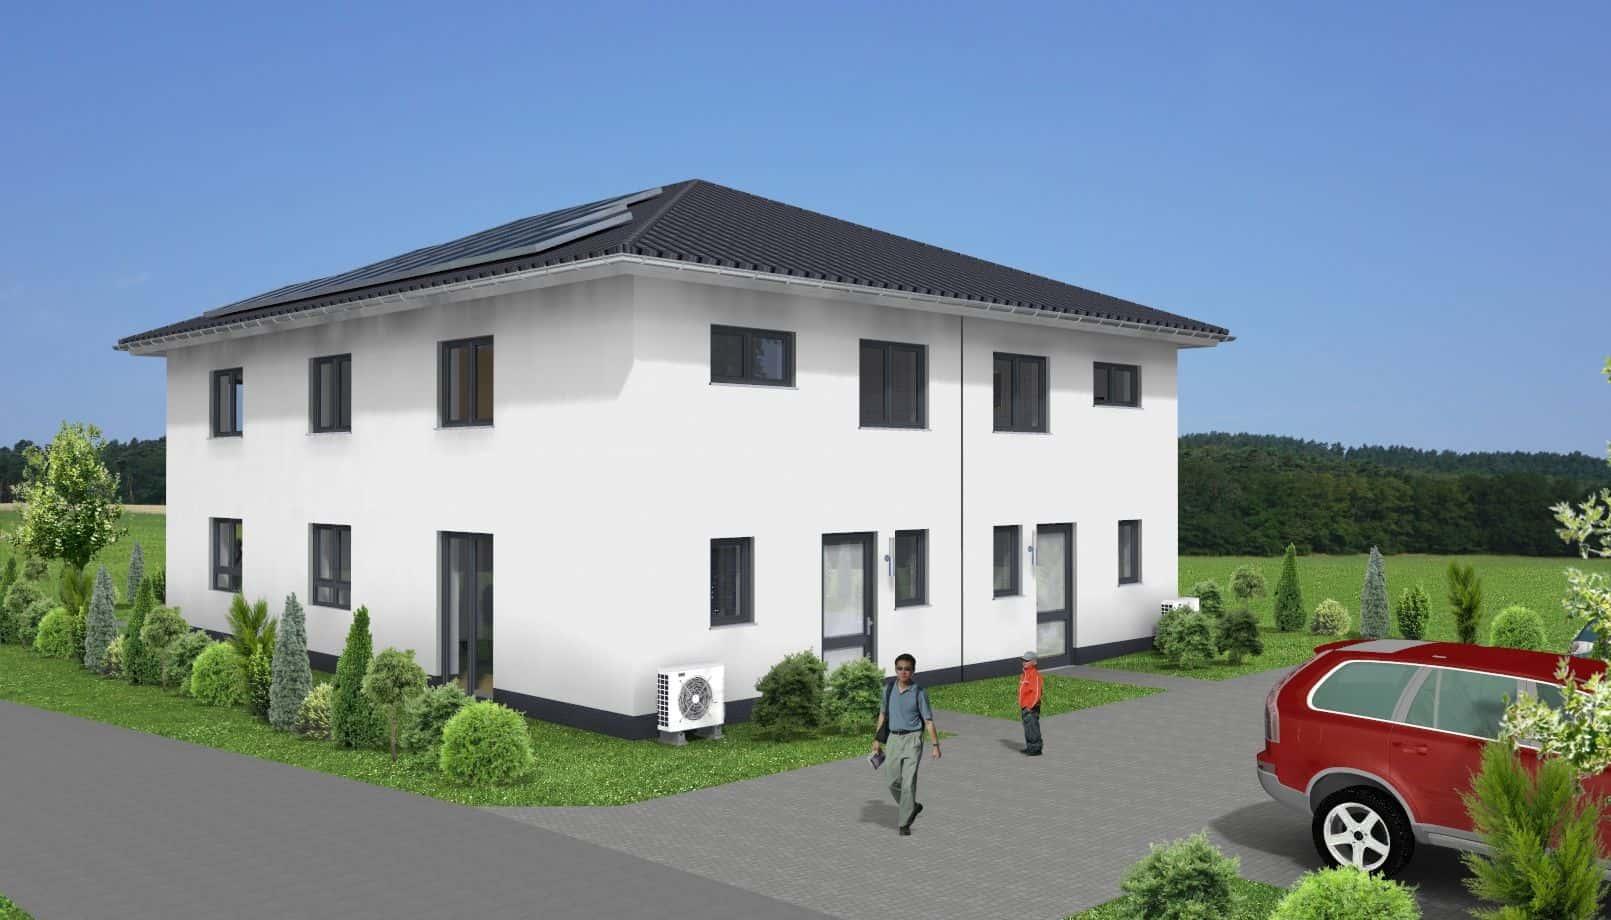 Doppelhaus-Stadtvilla in 36043 Fulda, Richard-Wagner-Straße 51